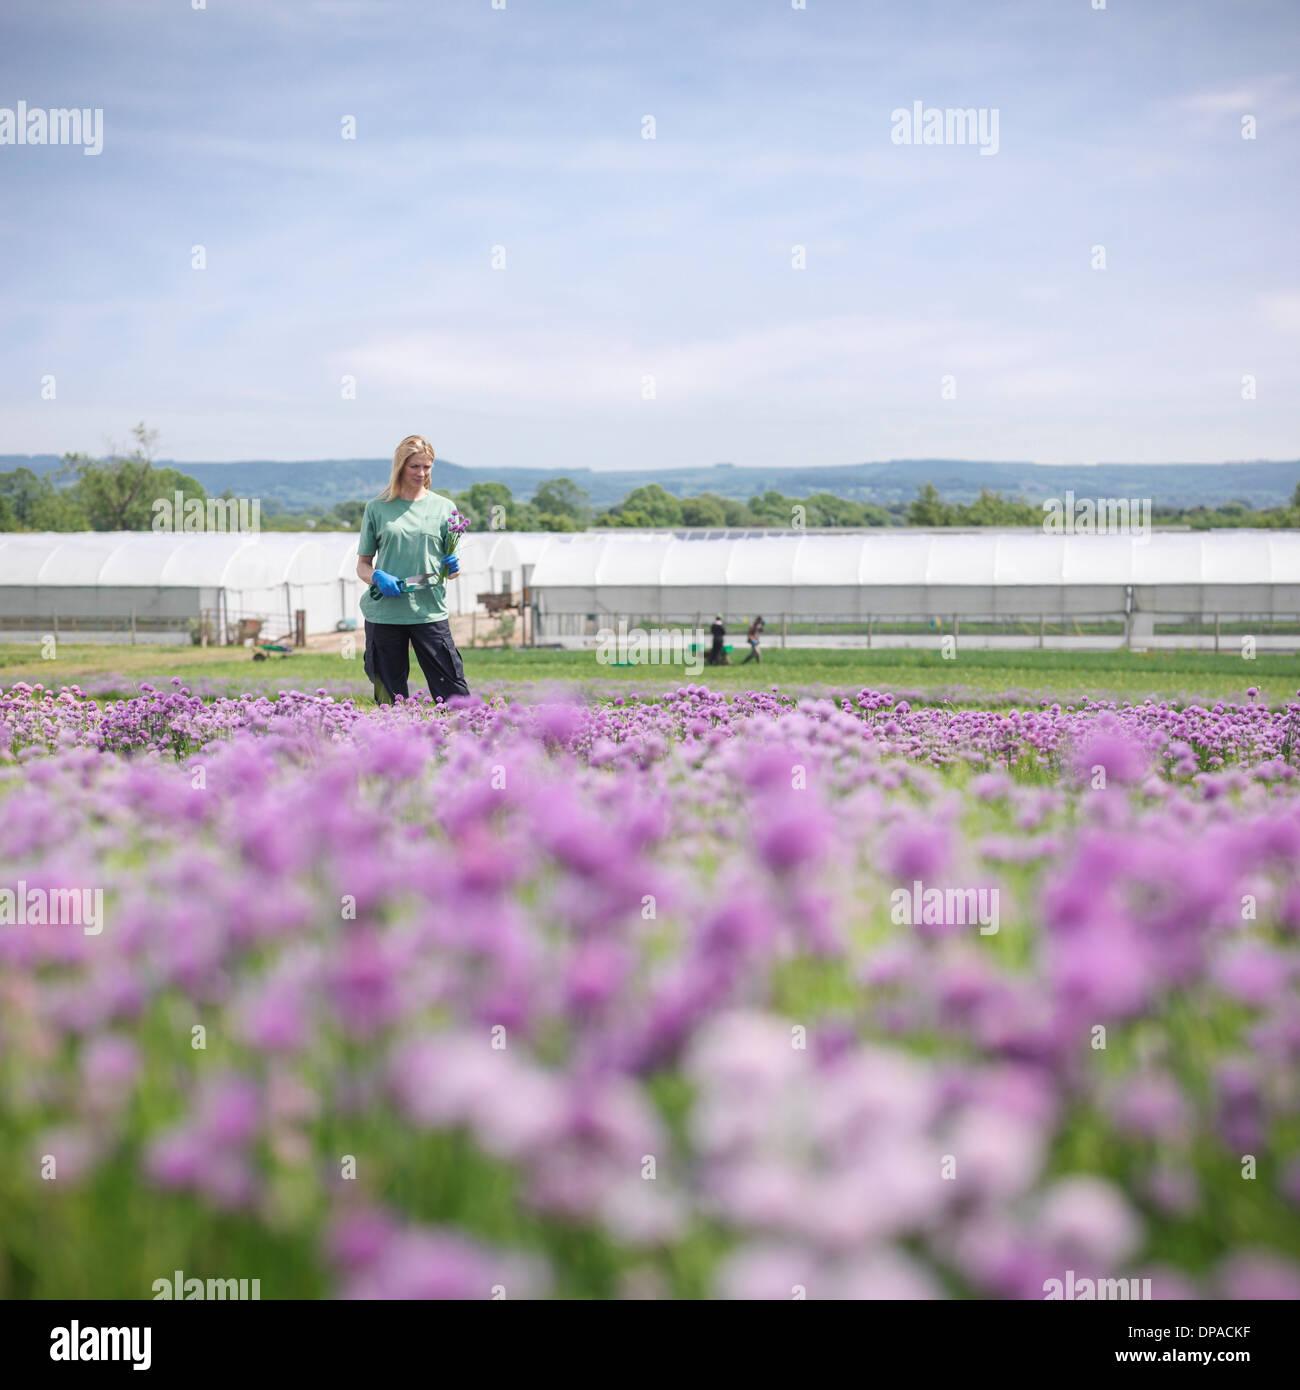 Lavoratori raccolta erba cipollina fresca Immagini Stock